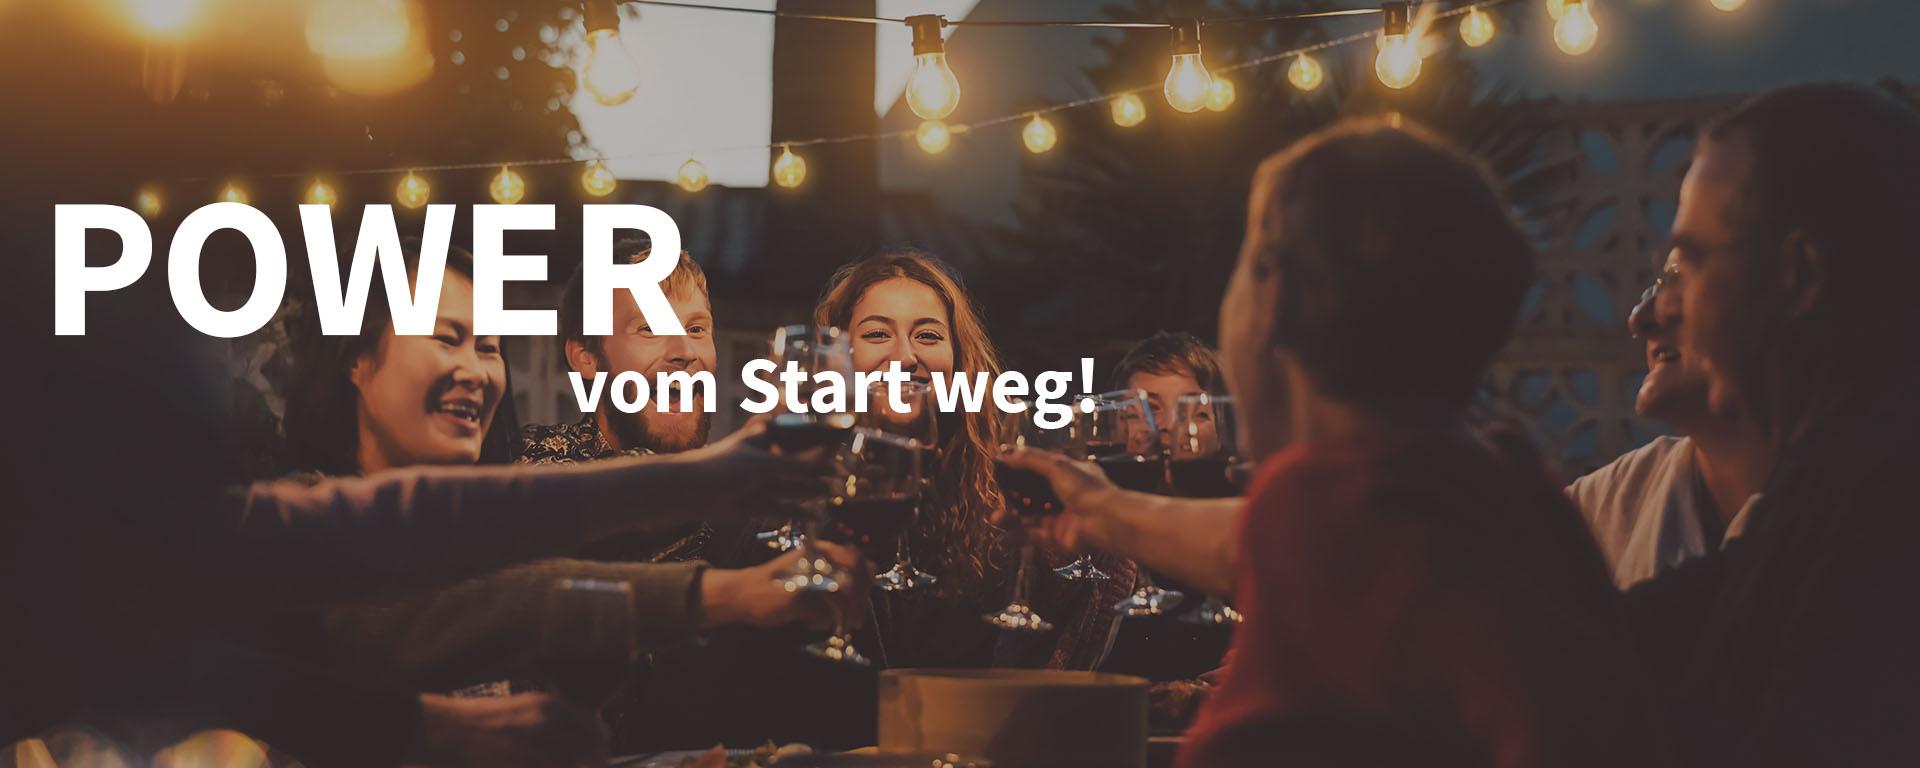 Restaurant Marketing, Gastronomie Marketing, Tourismus Marketing, Gastro Marketing, Mehr Gäste